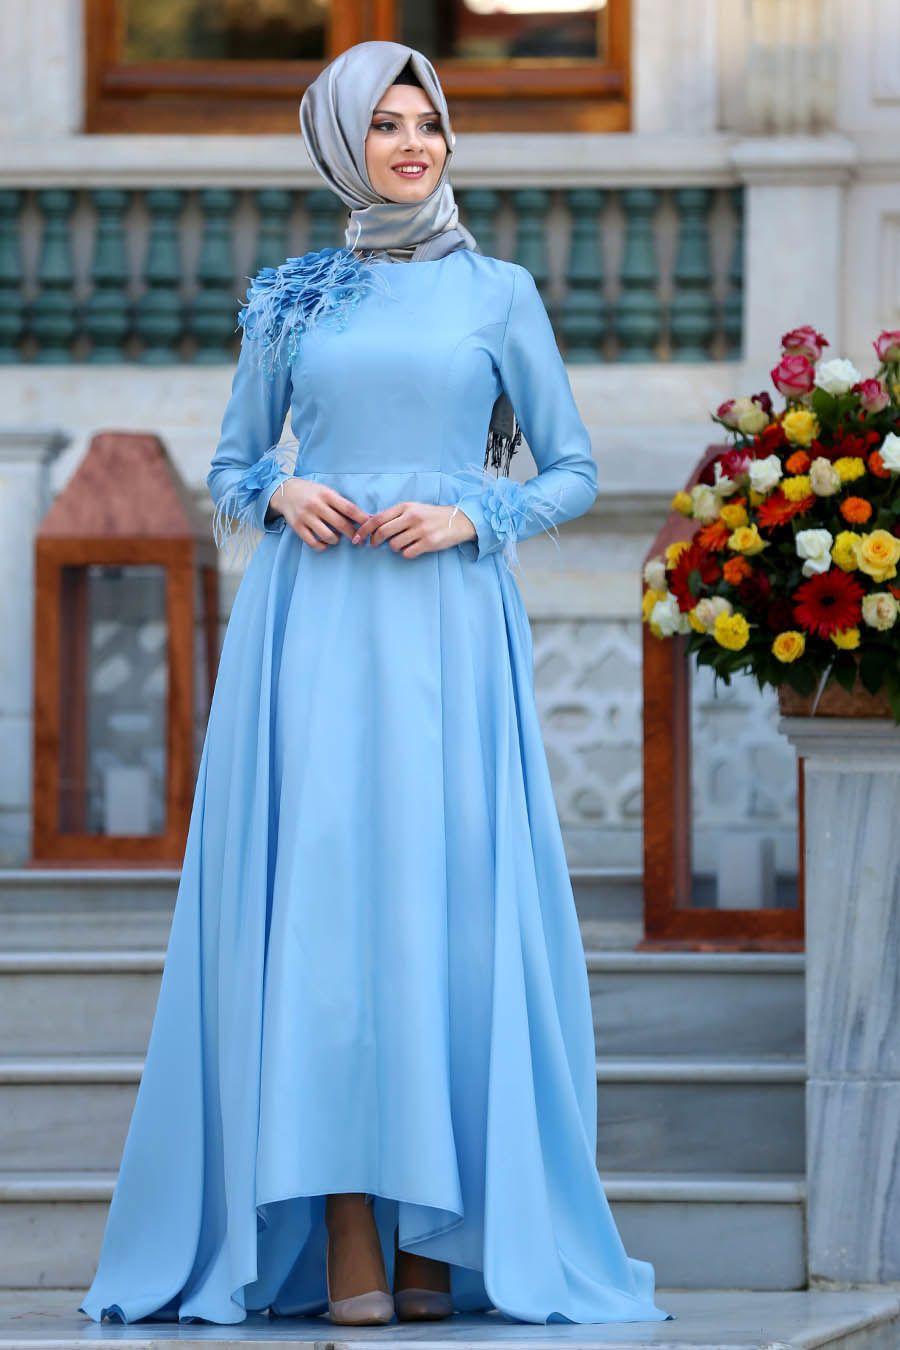 d32417f1c060c Tuay - Çiçek Detaylı Mavi Tesettür Abiye Elbise 2492M #tesetturisland # tesettur #tesetturelbise #